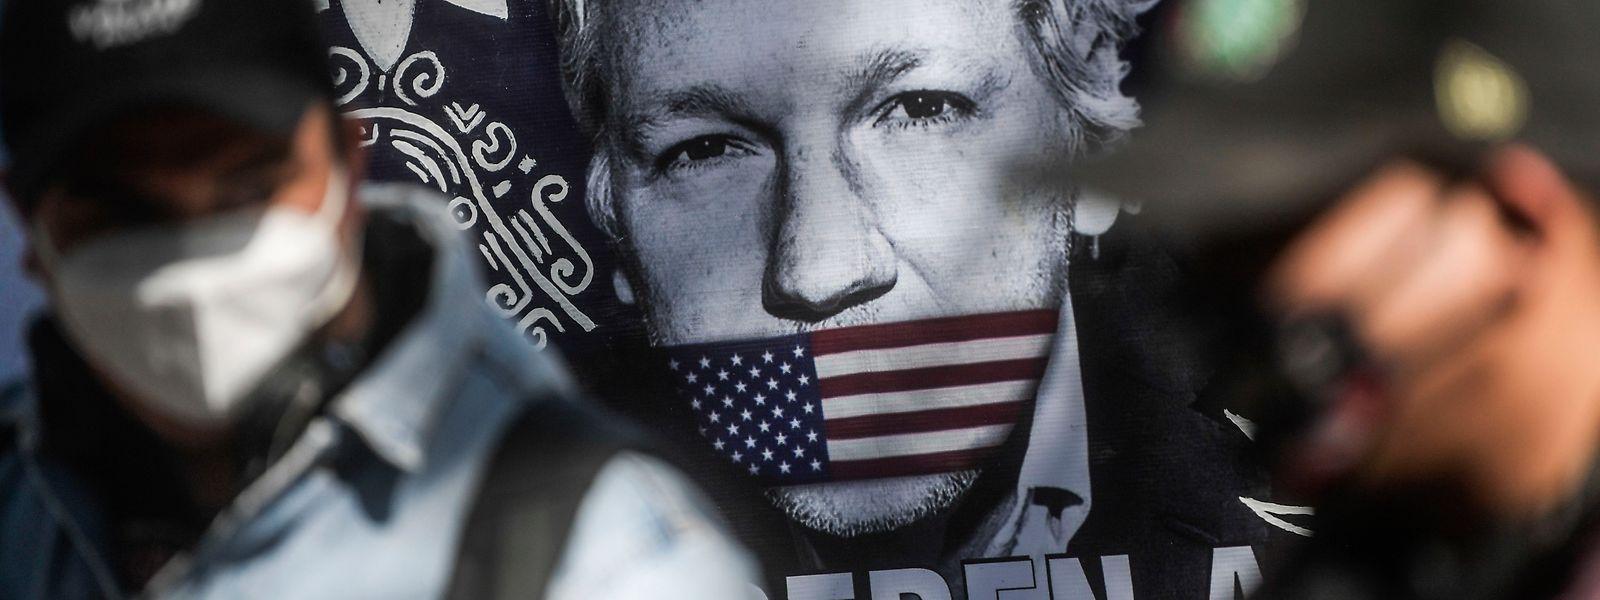 Weltweit fordern Demonstranten die Freilassung des Wikileaks-Gründers.